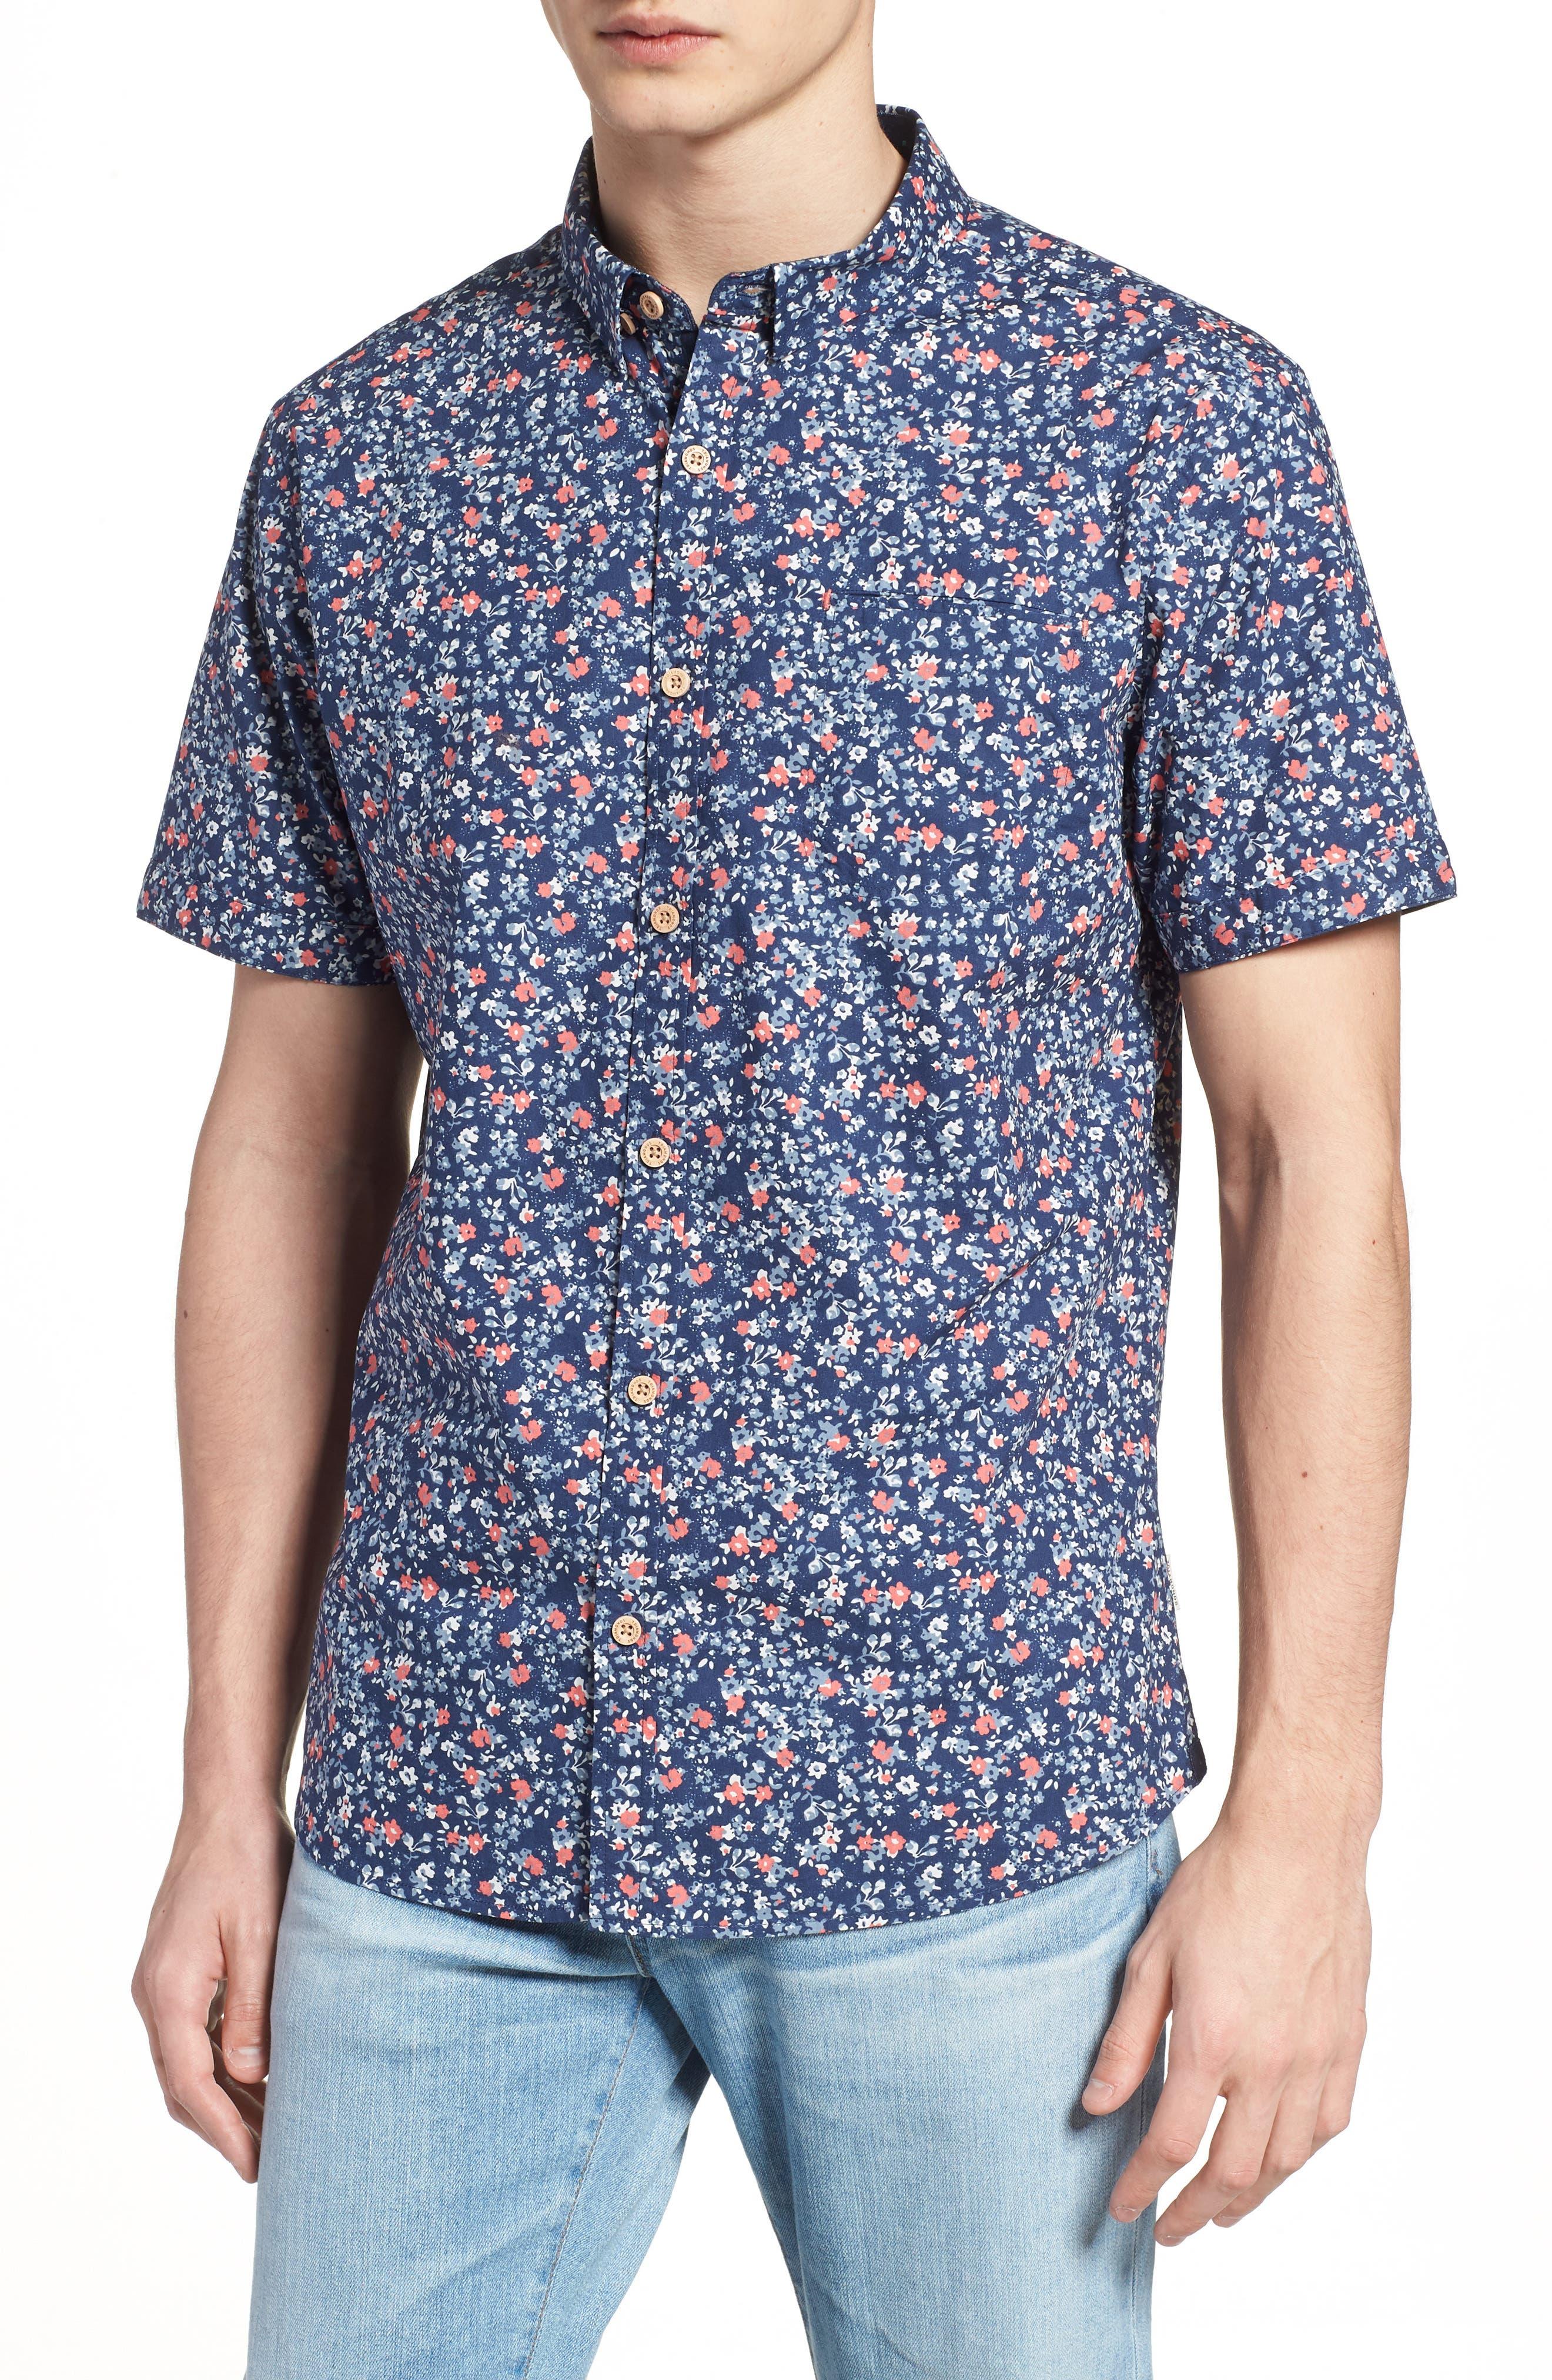 Memories Slim Fit Short Sleeve Sport Shirt,                         Main,                         color, 410